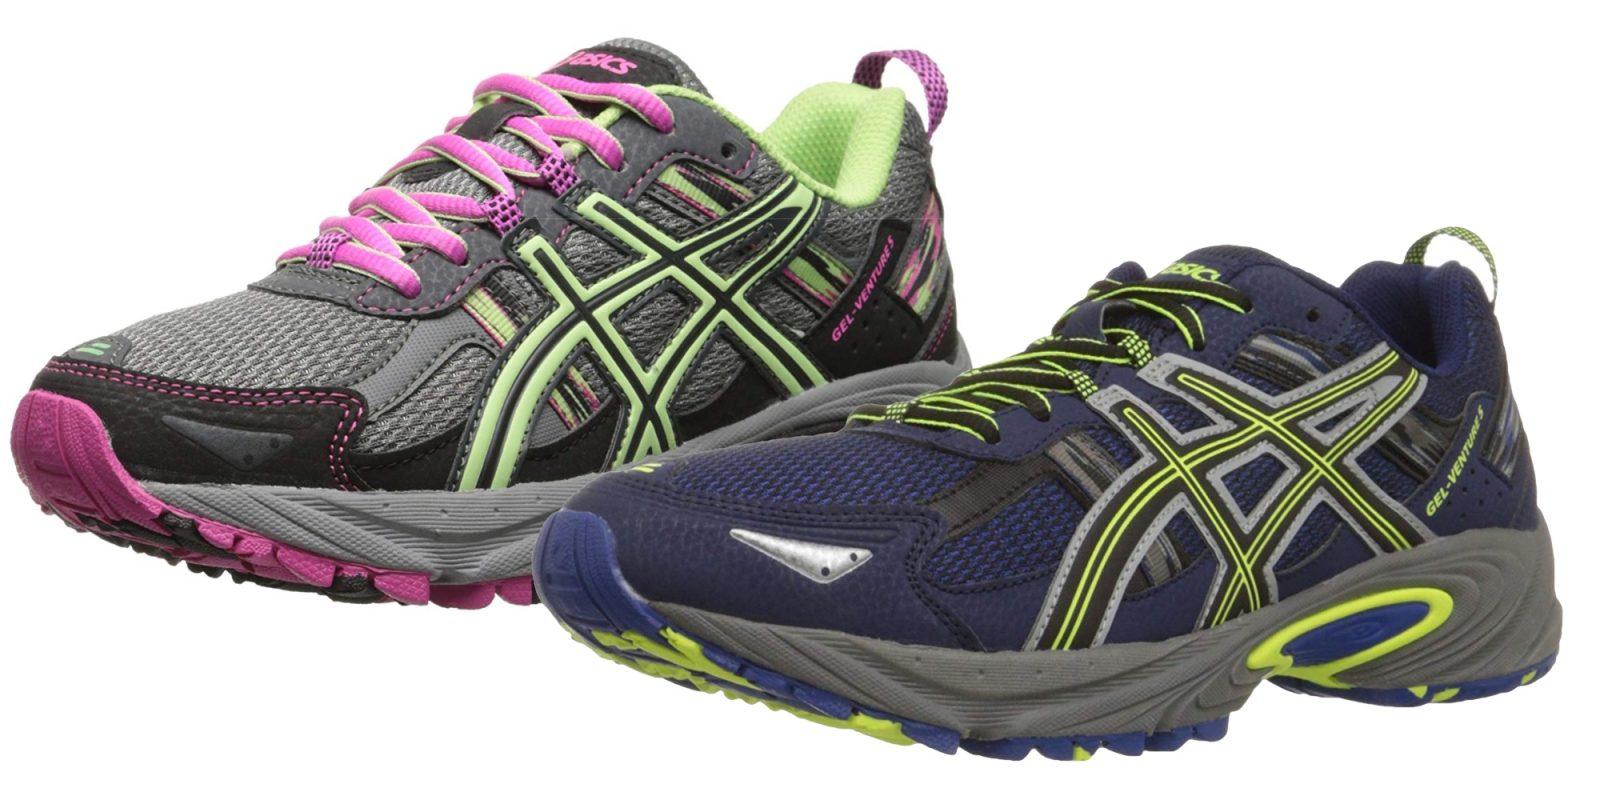 design intemporel 2b43a 0d40a ASICS Men's + Women's Gel Running Shoes drop to $48 at ...